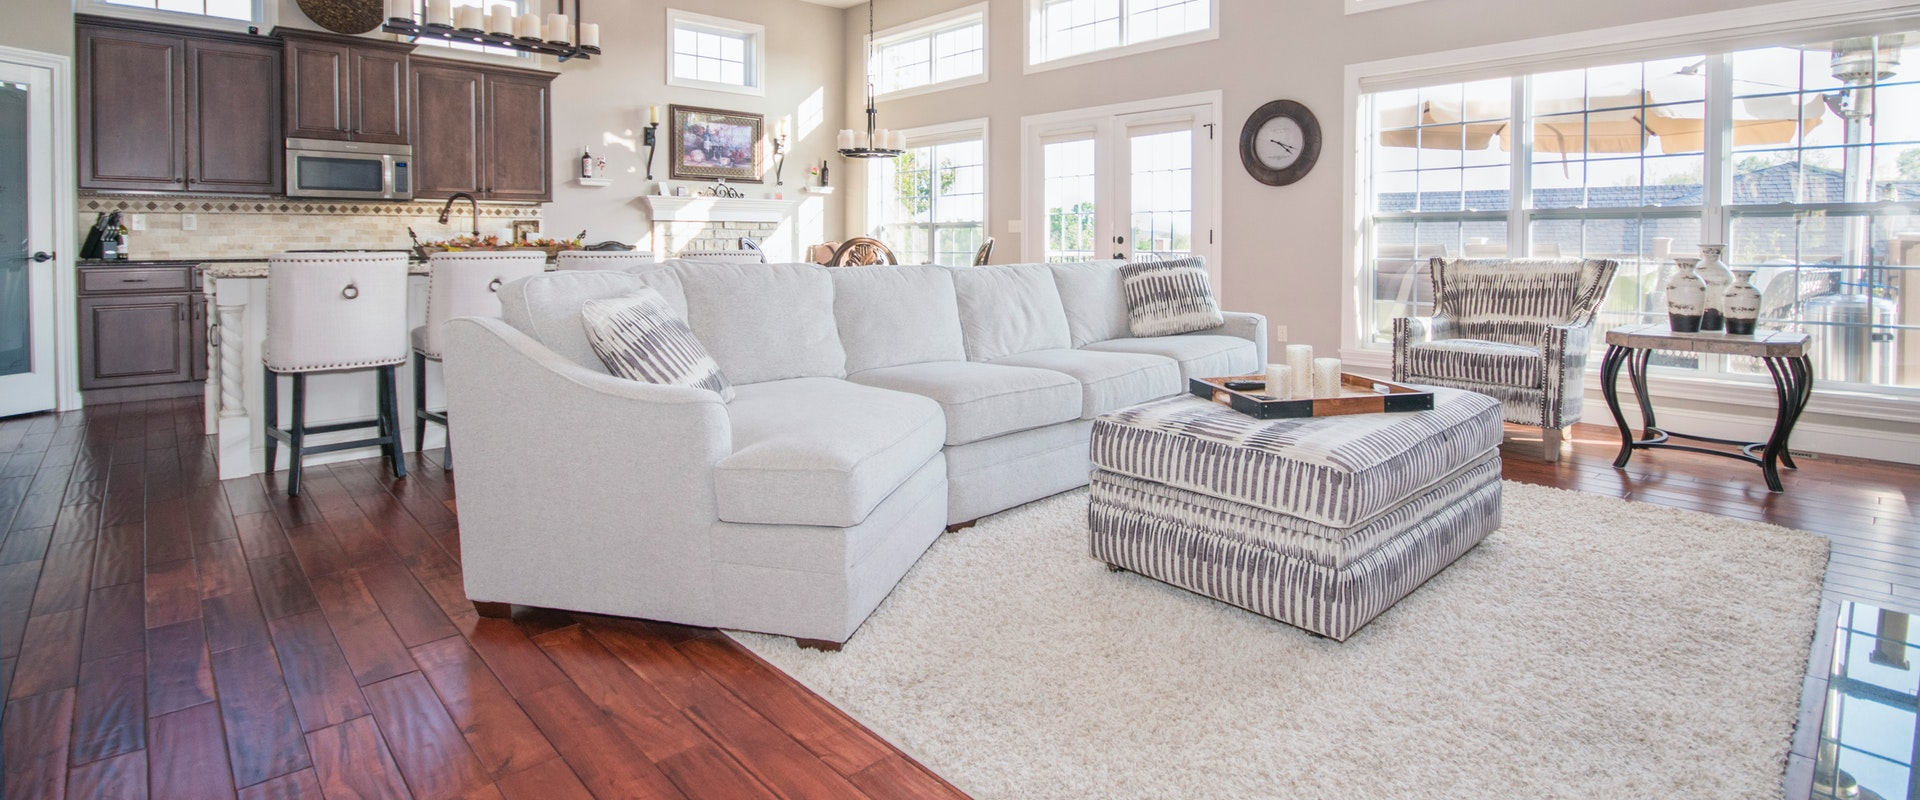 Living Room Design - FastExpert